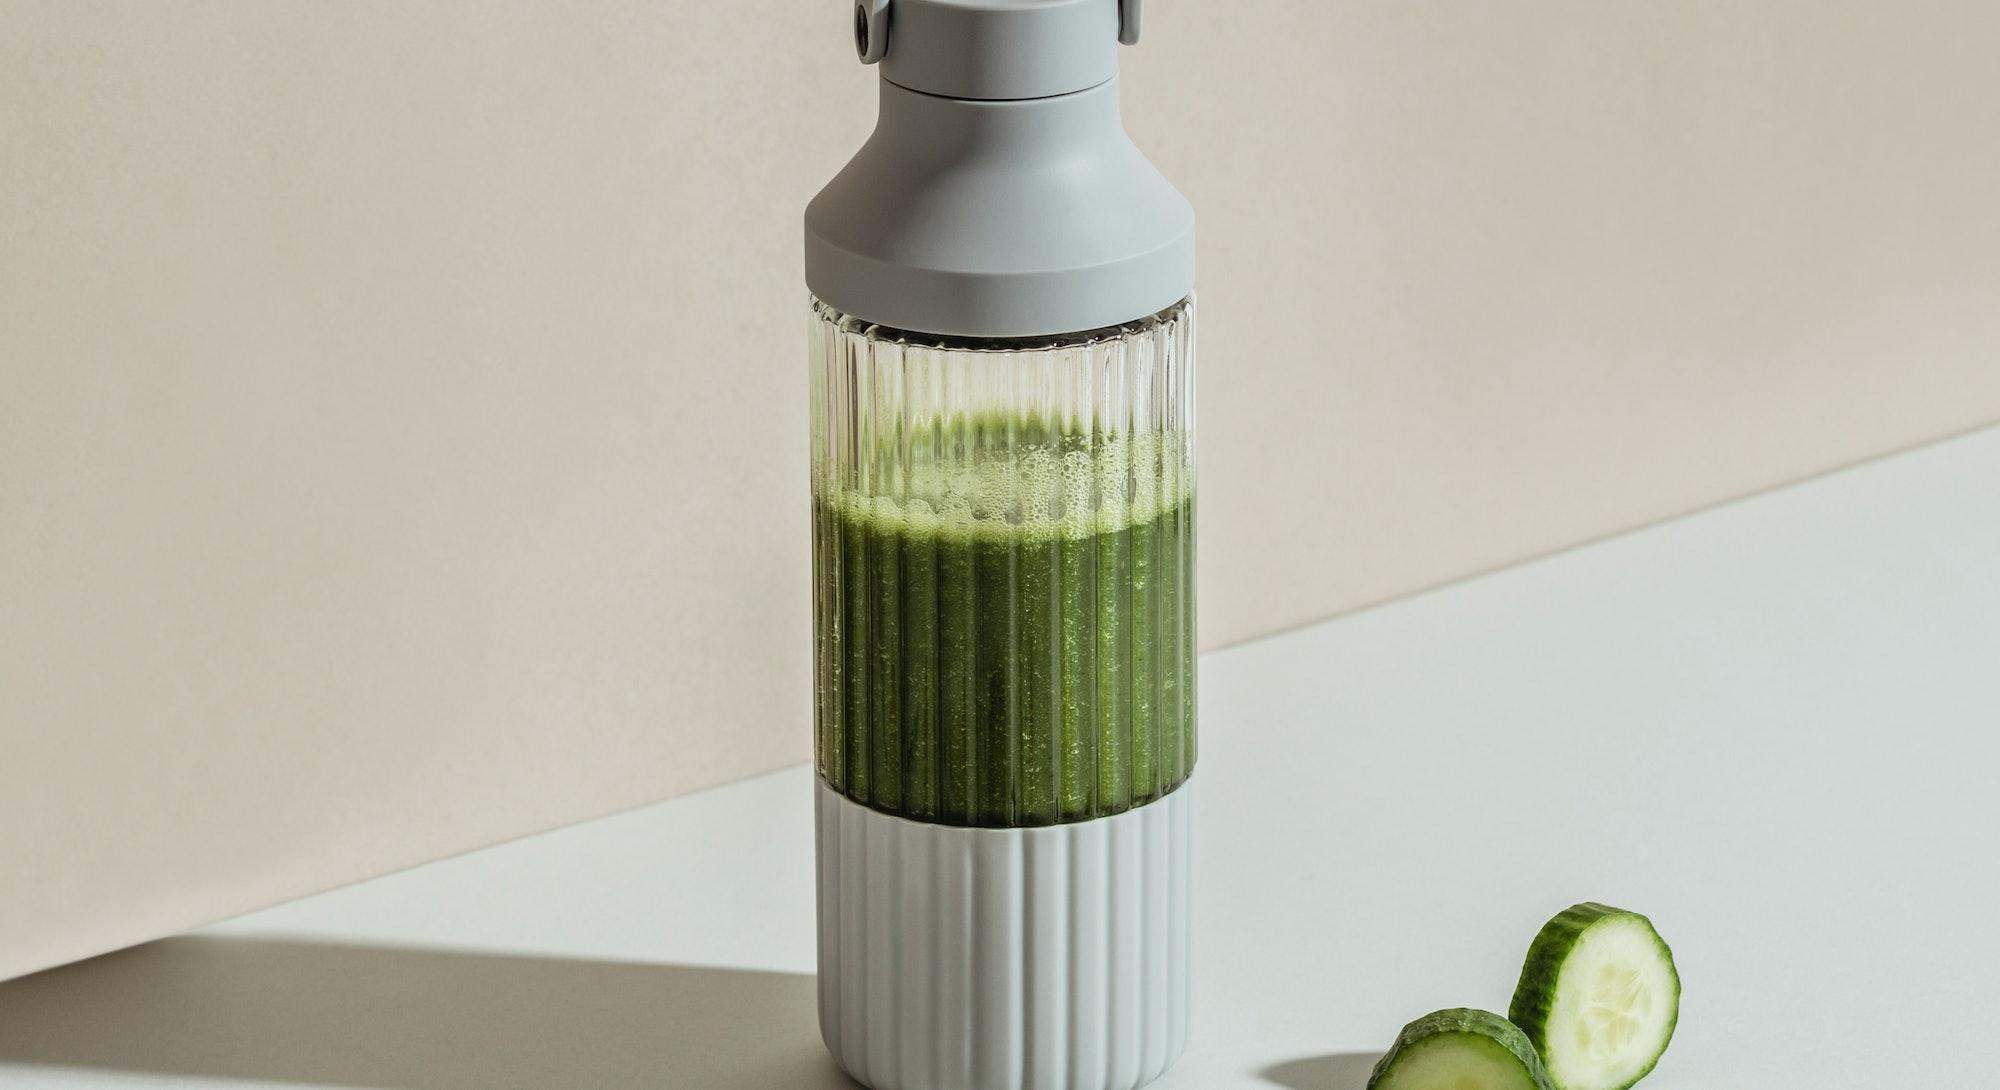 A green smoothie can be seen inside a sleek design B10 blender.